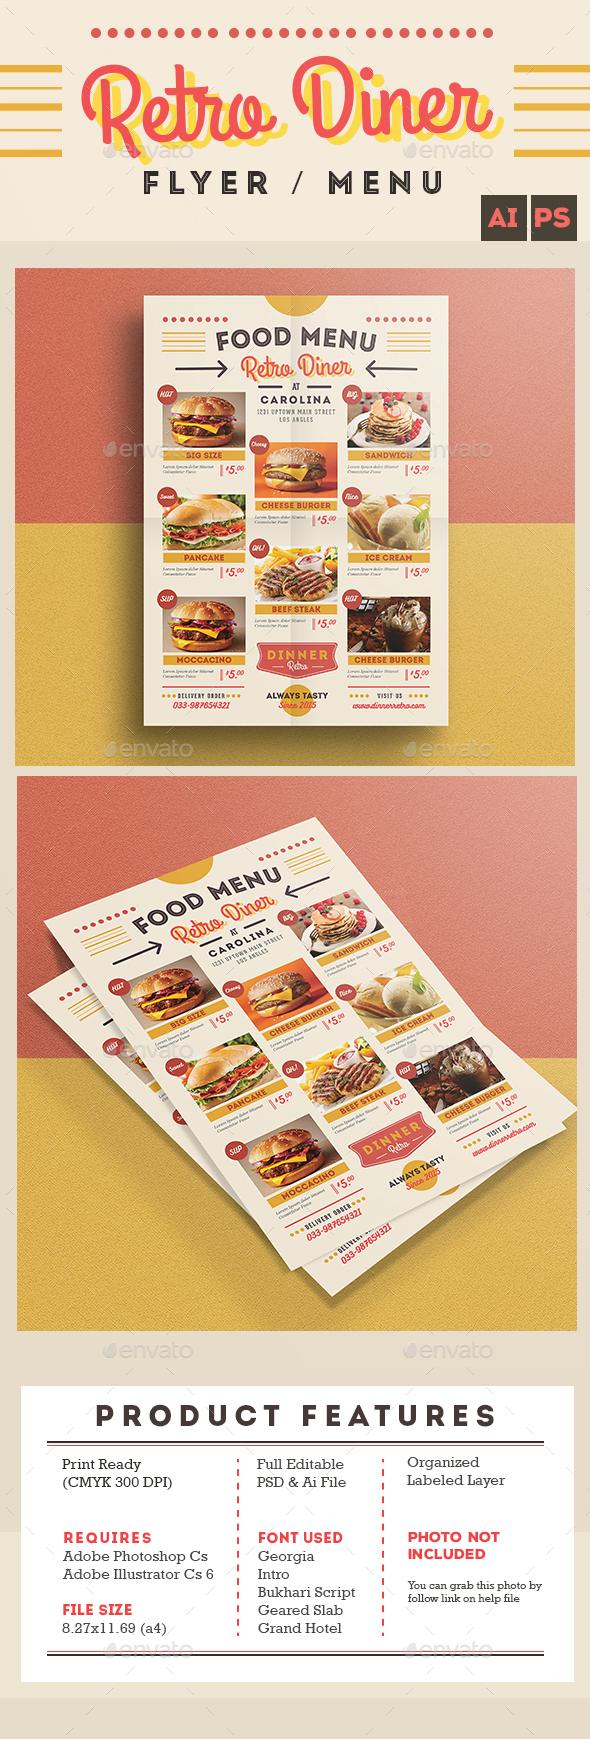 Retro Diner Flyer/Menu